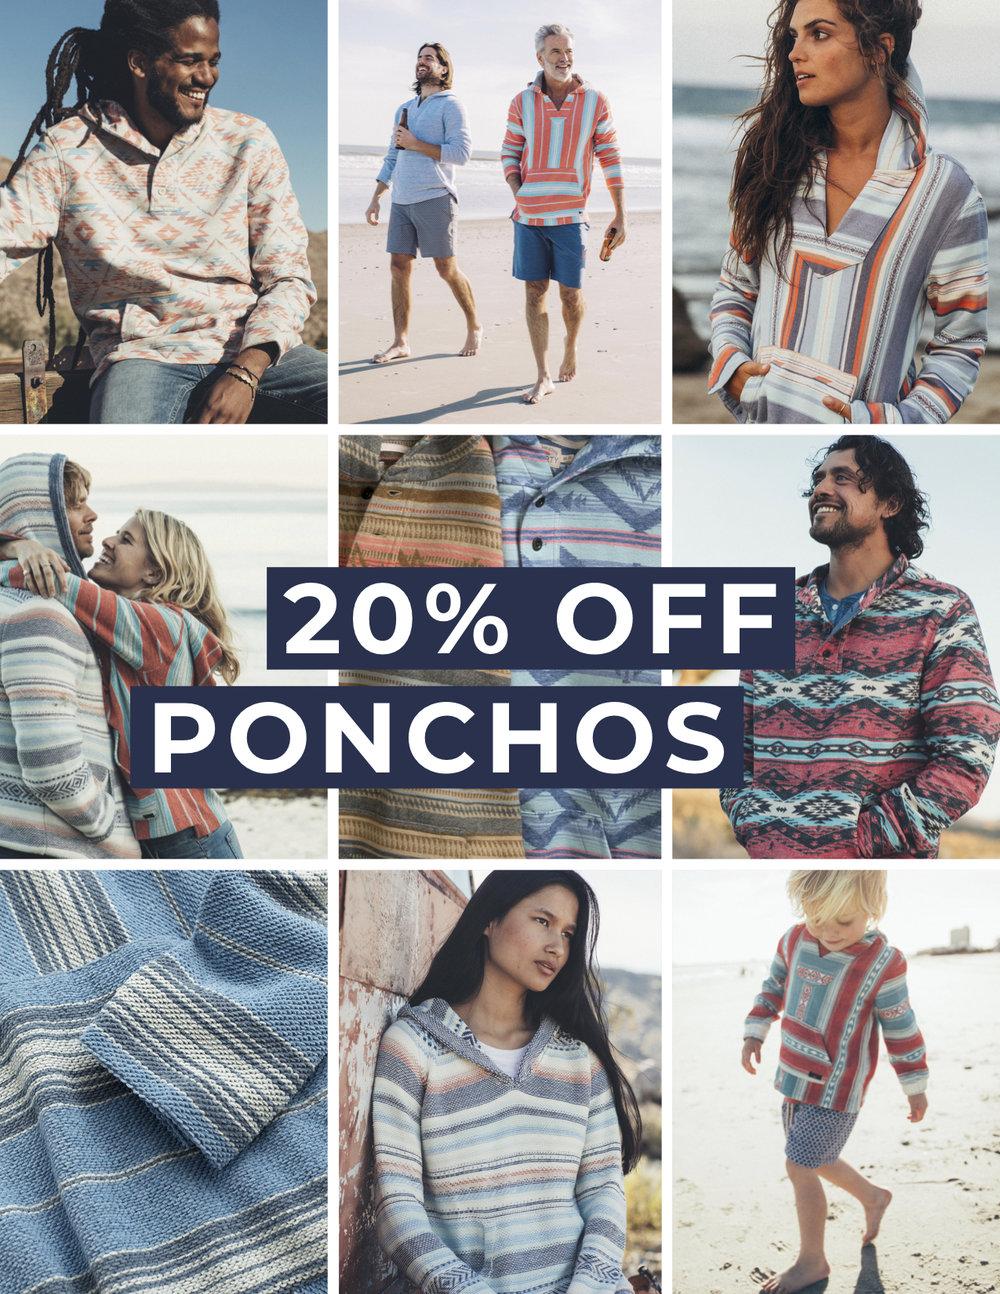 Poncho.jpg